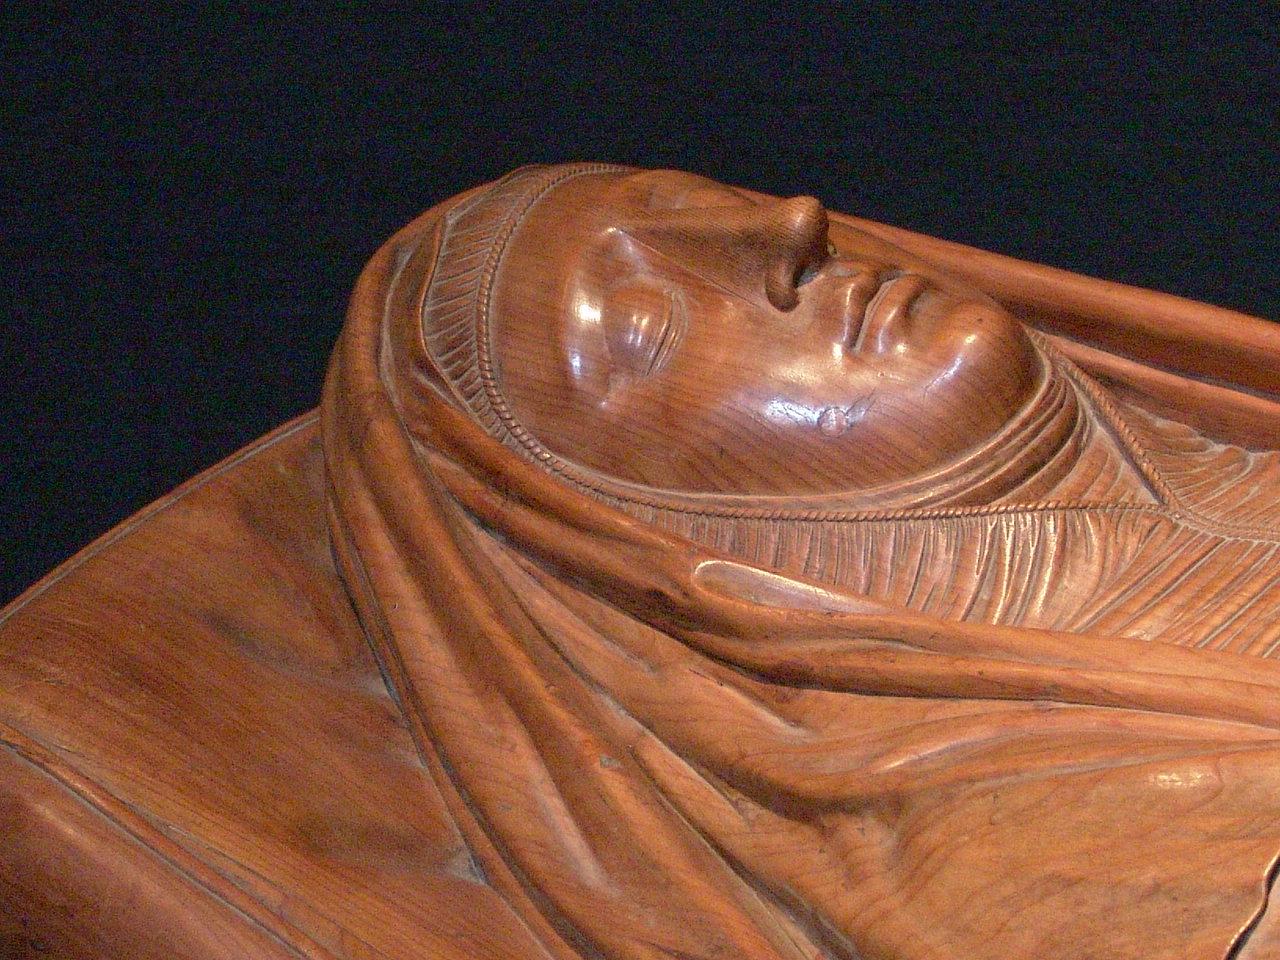 Art renaixentista i barroc a la Seu d'Urgell i a les Valls pirinenques